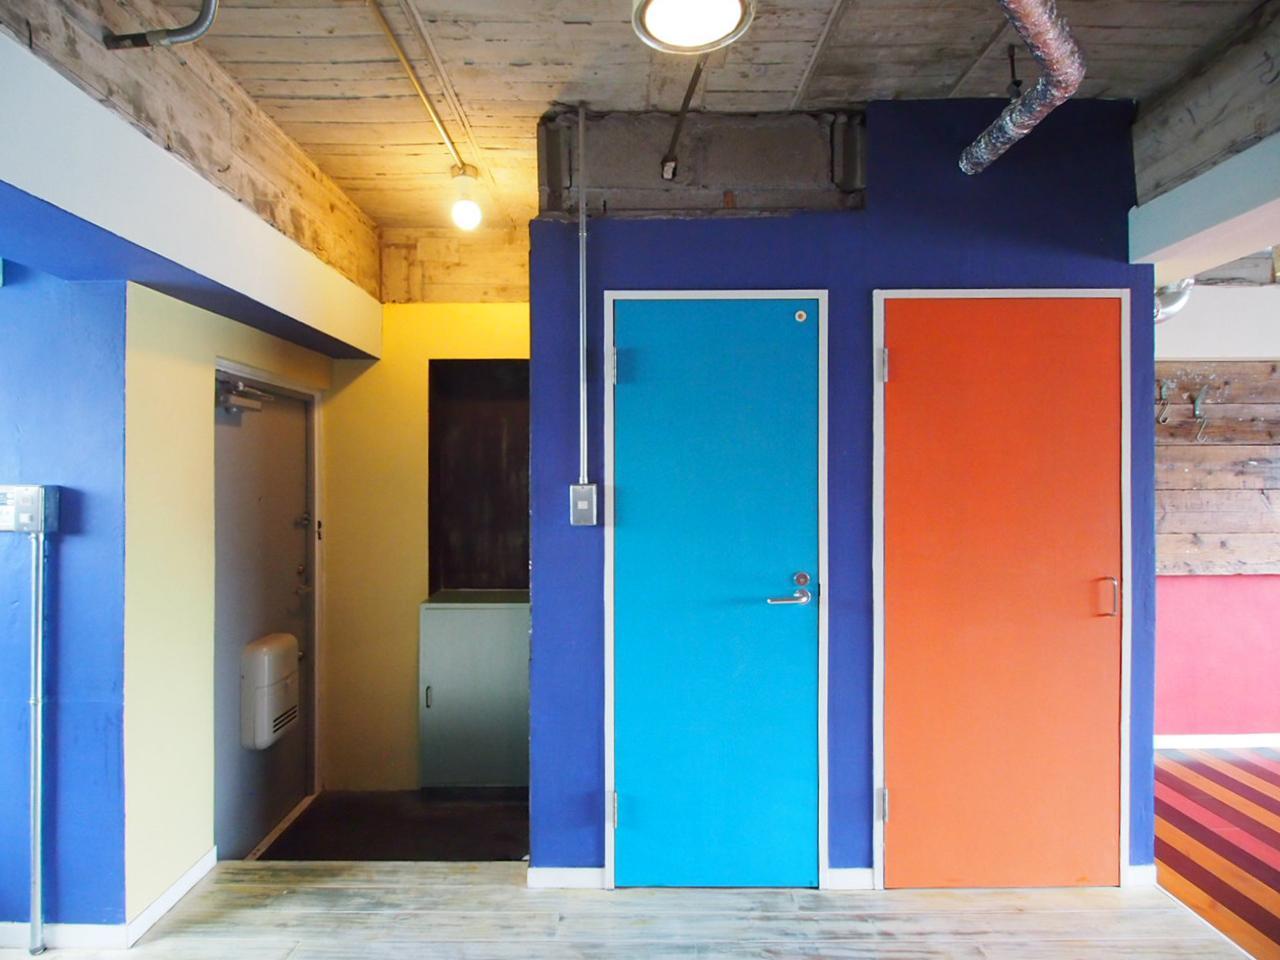 ブルー・オレンジ・グリーンの扉はチョークでお絵描きできます